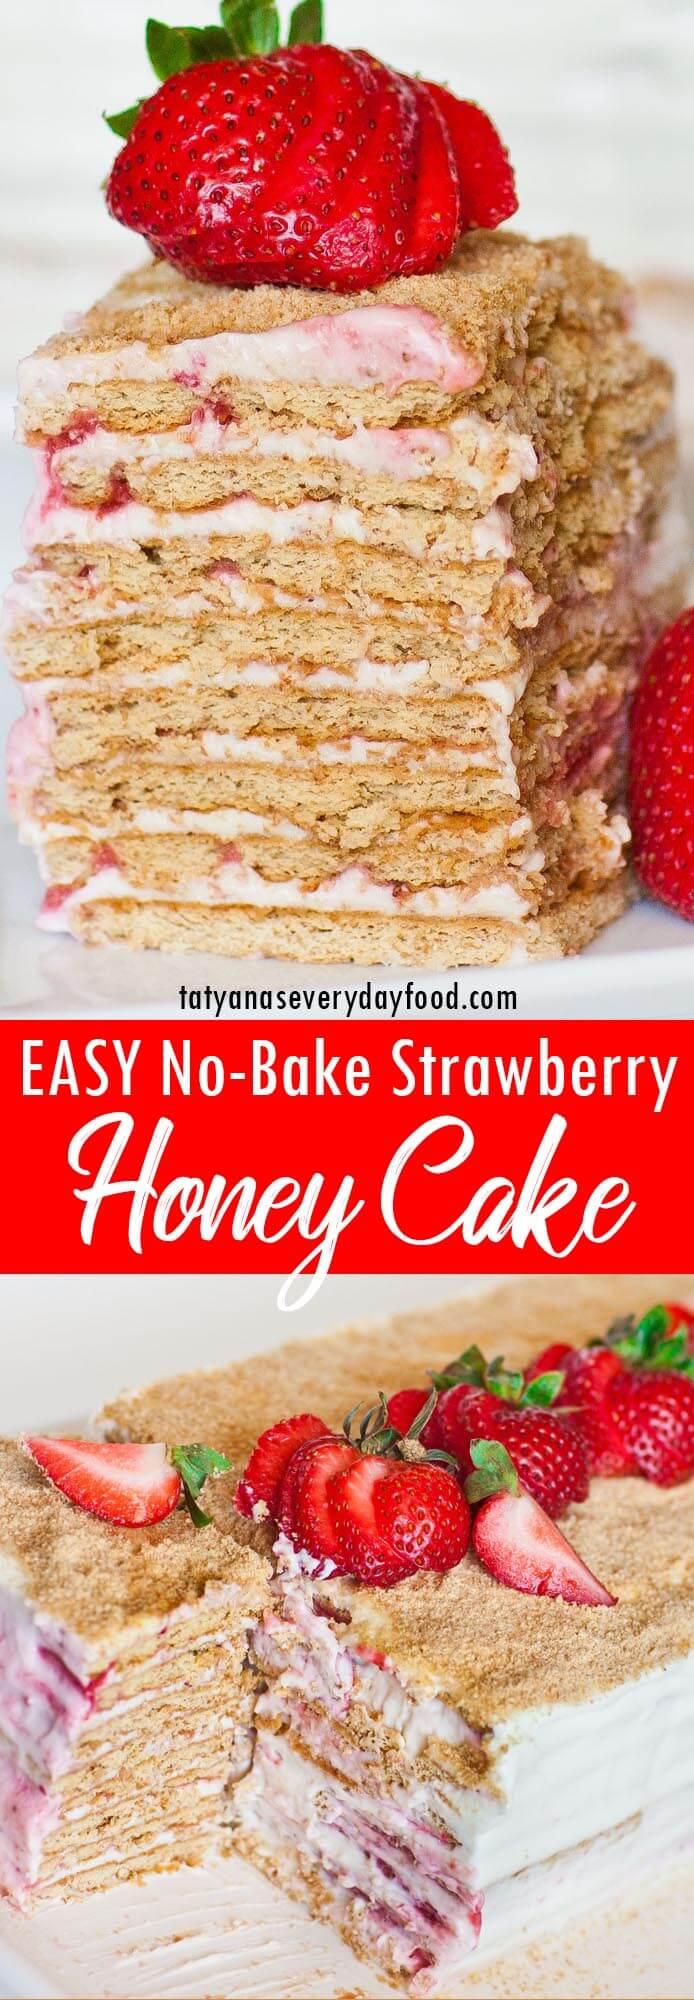 No-Bake Strawberry Honey Cake video recipe